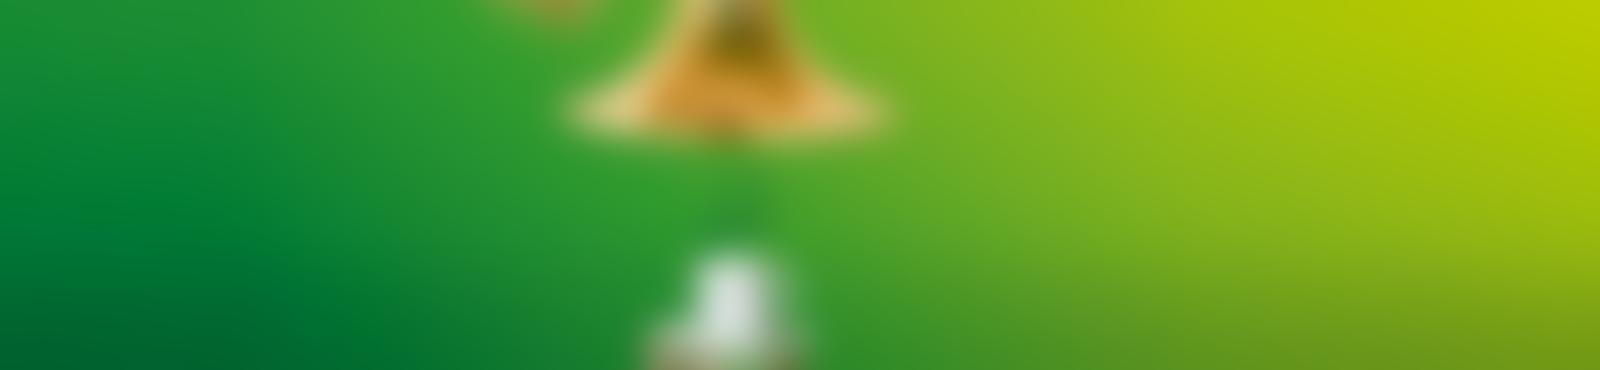 Blurred 1b56ff90 595c 4103 b6de a06c79be7d8c